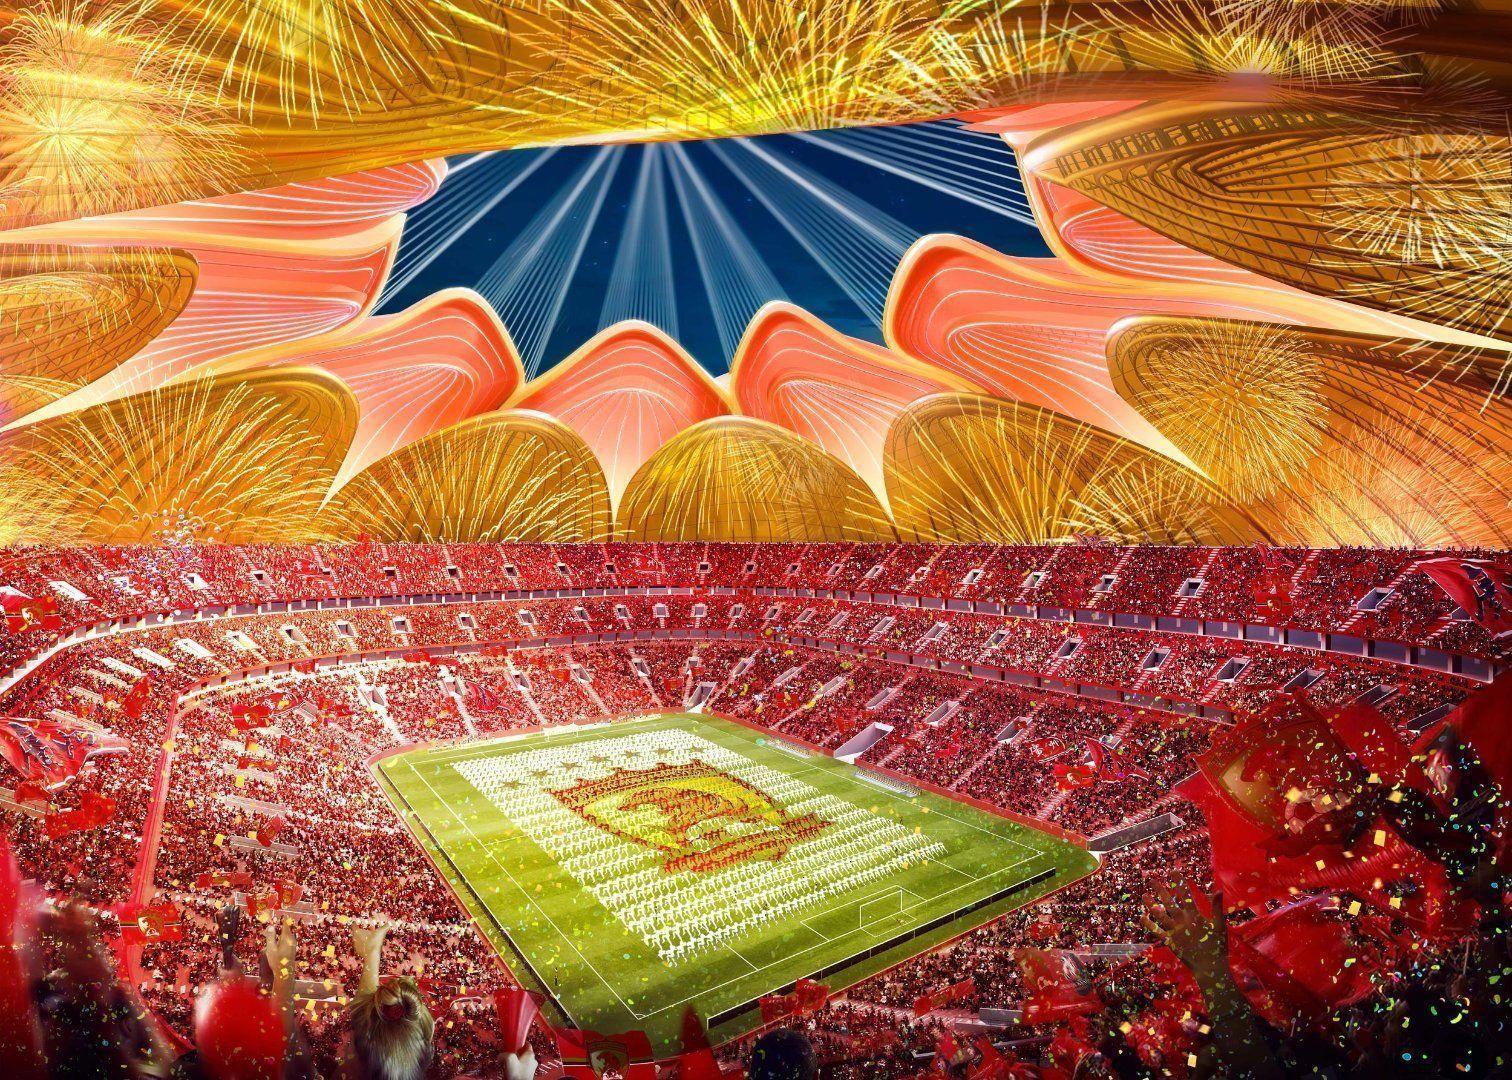 У Китаї почали будівництво найбільшого стадіону в світі - изображение 2